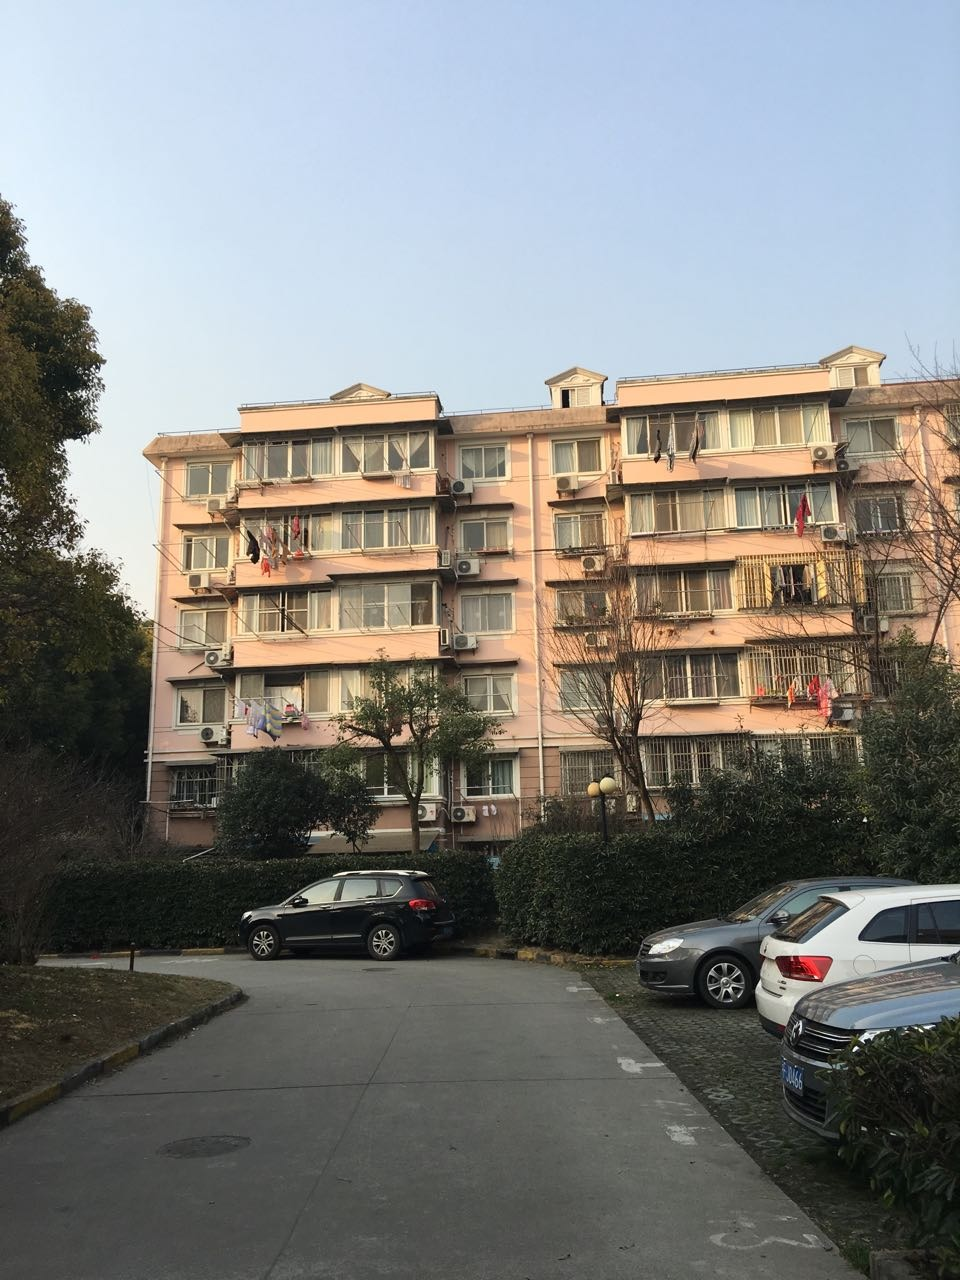 上海久远小区外景图